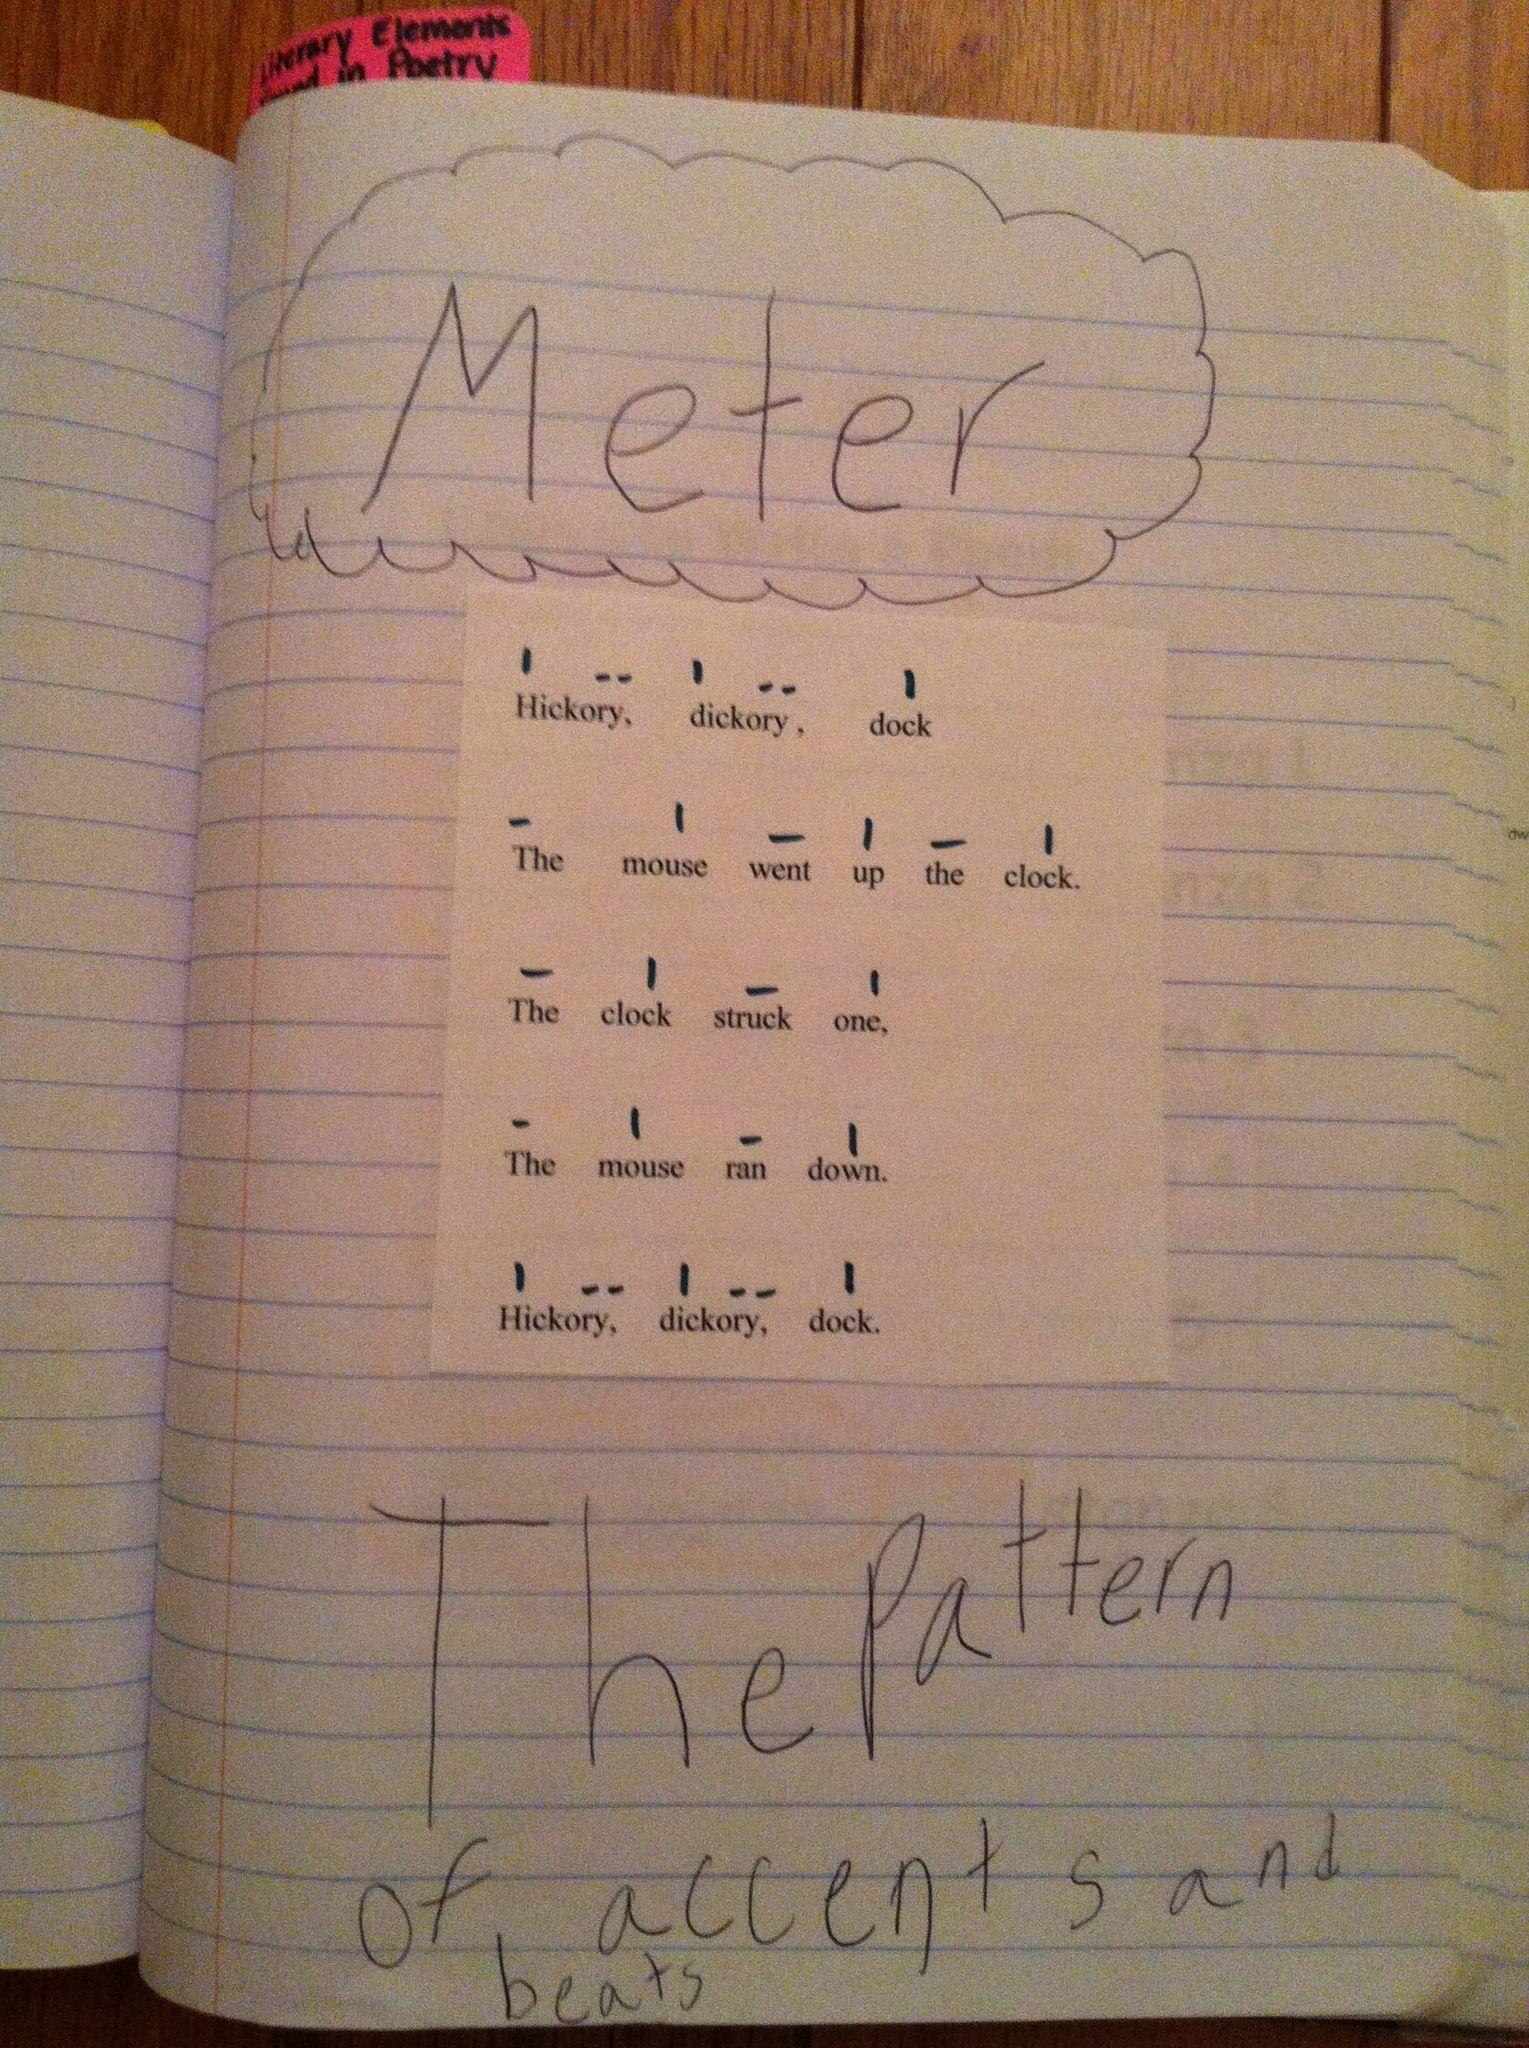 Teaching Meter In Poetry